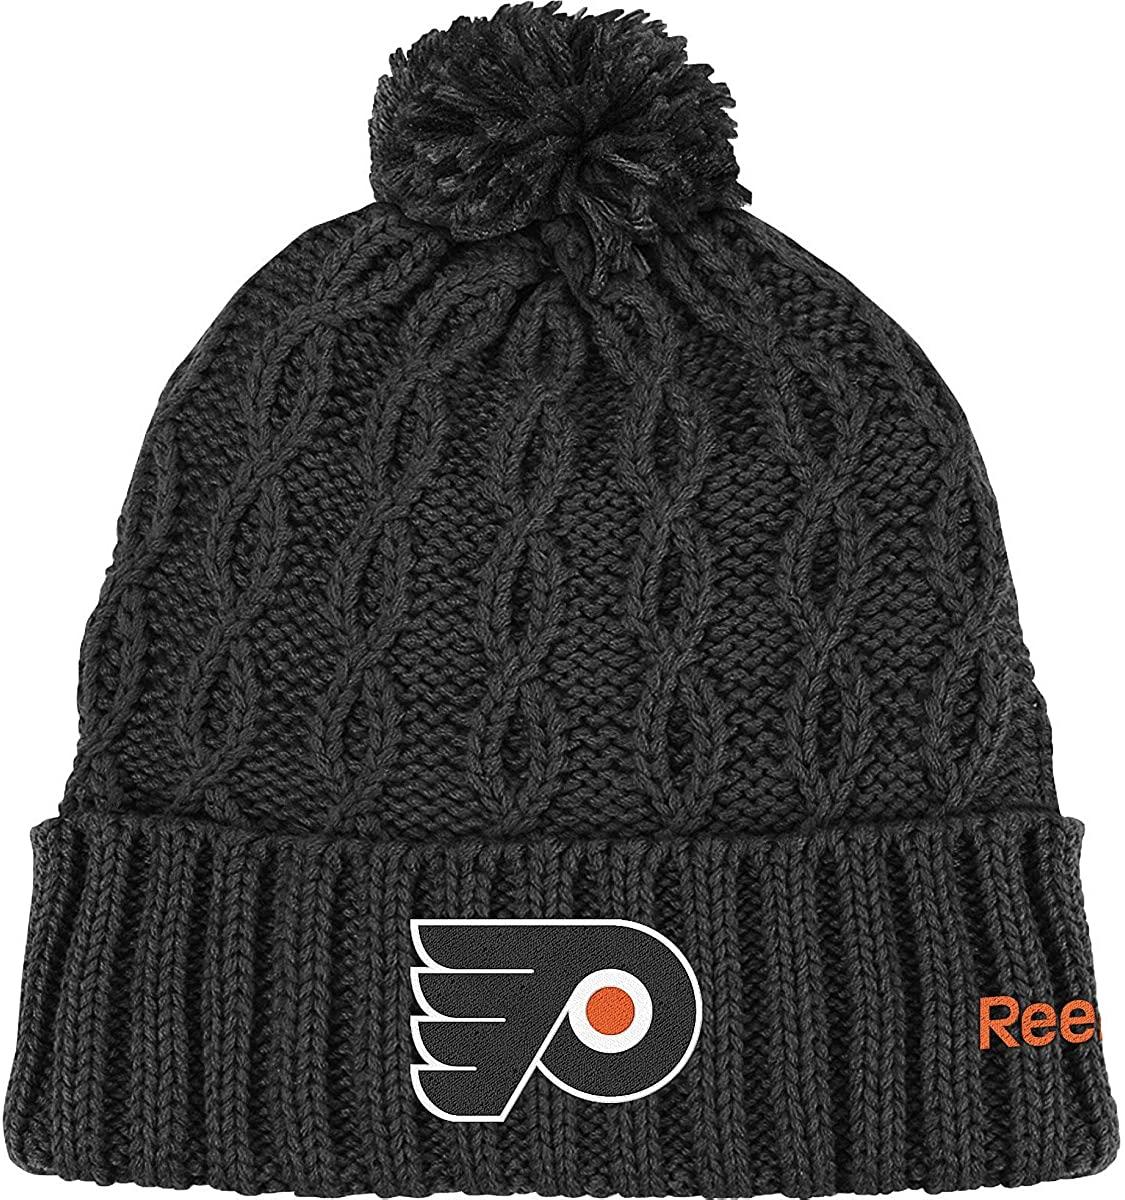 Reebok Womens Philadelphia Flyers Cuffed Pom Knit Beanie